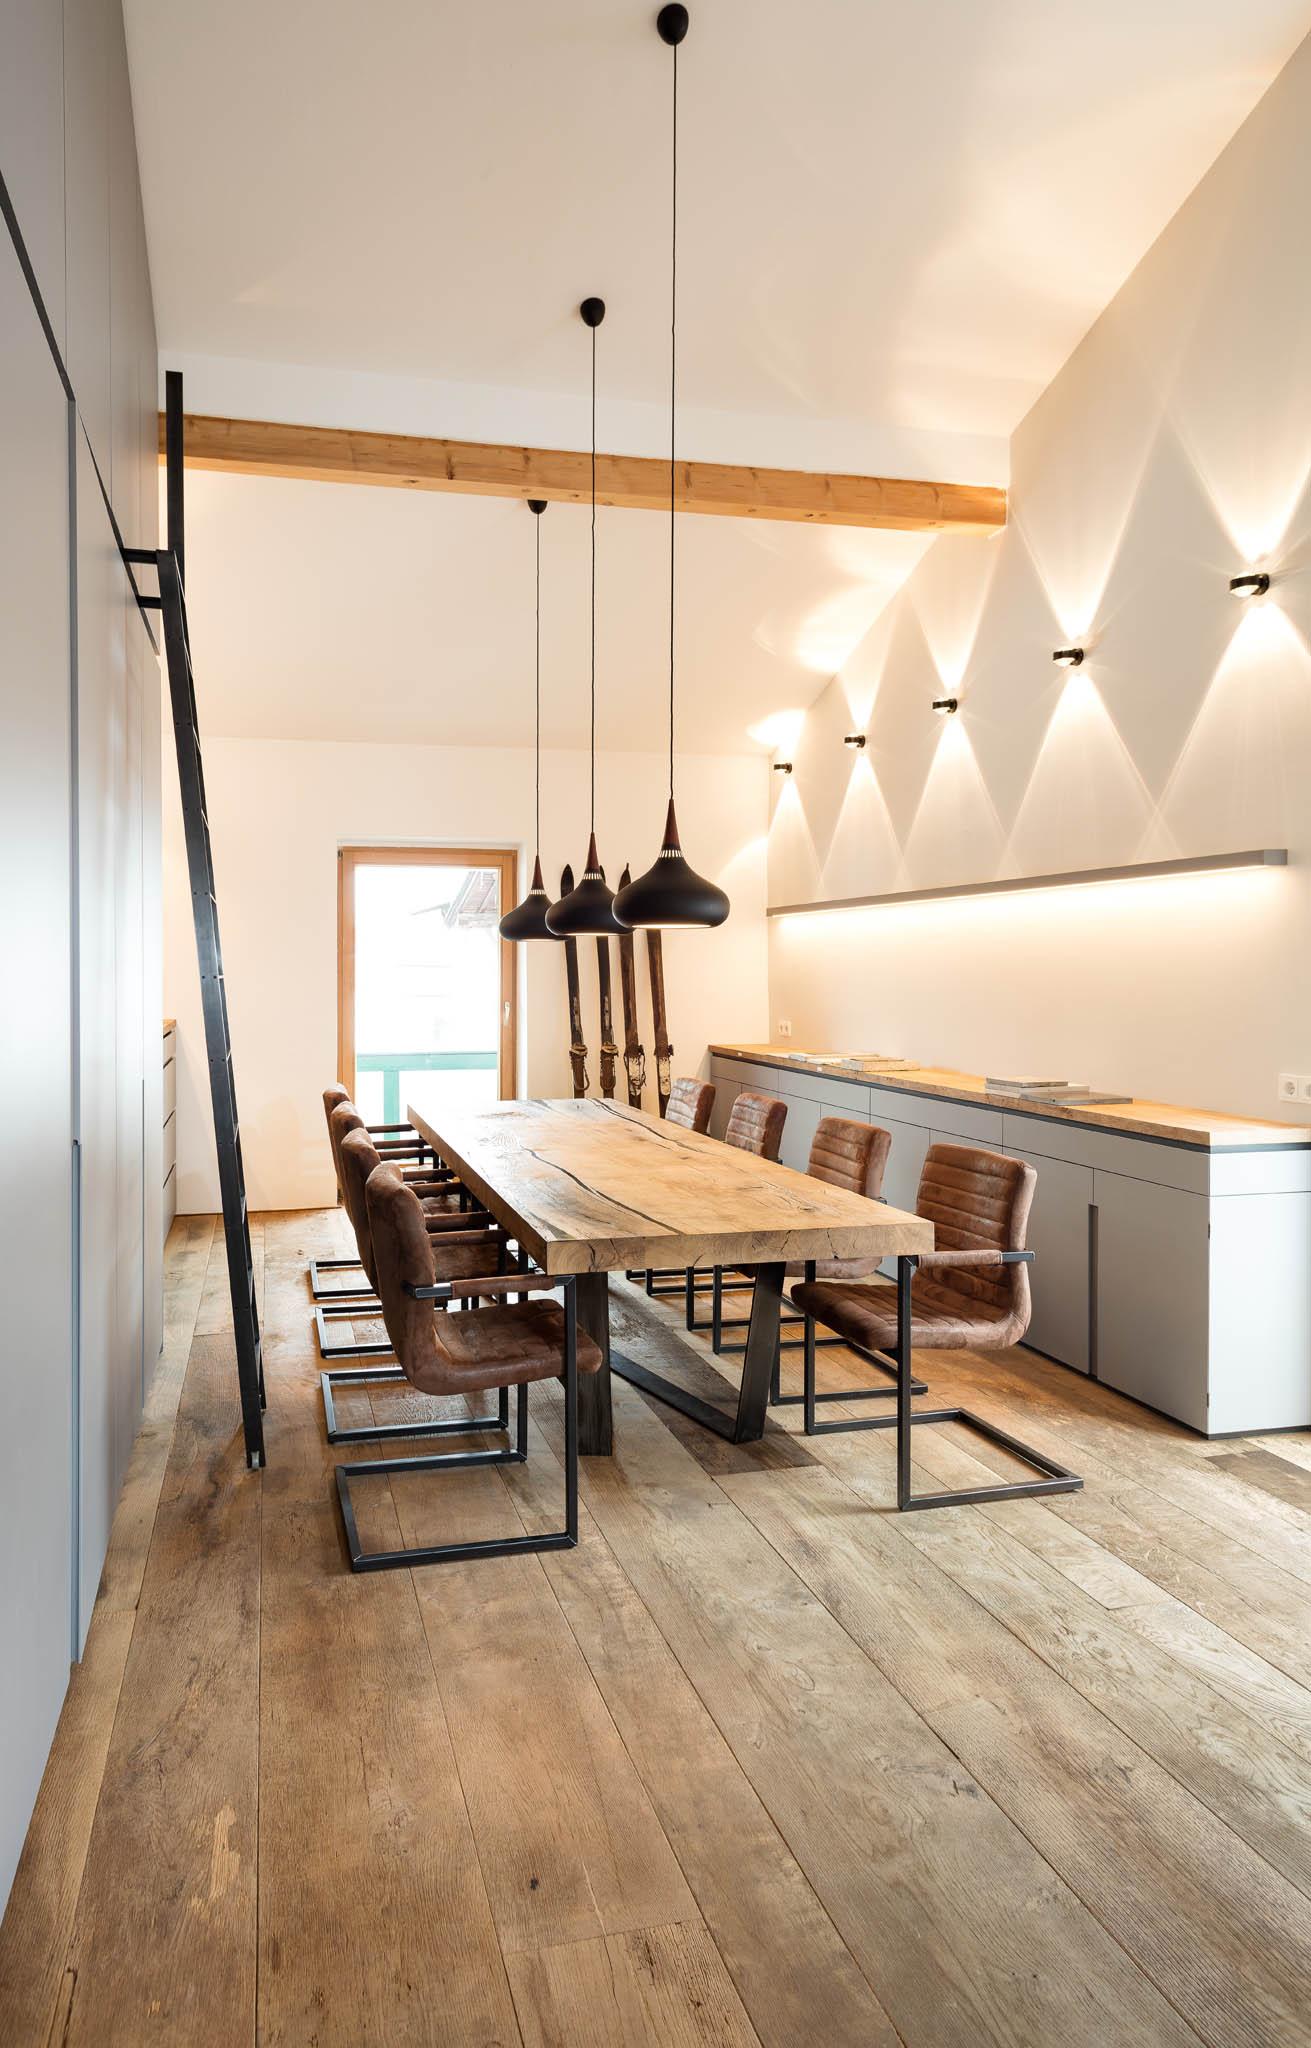 Innenarchitektur App schön innenarchitektur app uqw1 wohnzimmer ideen modern